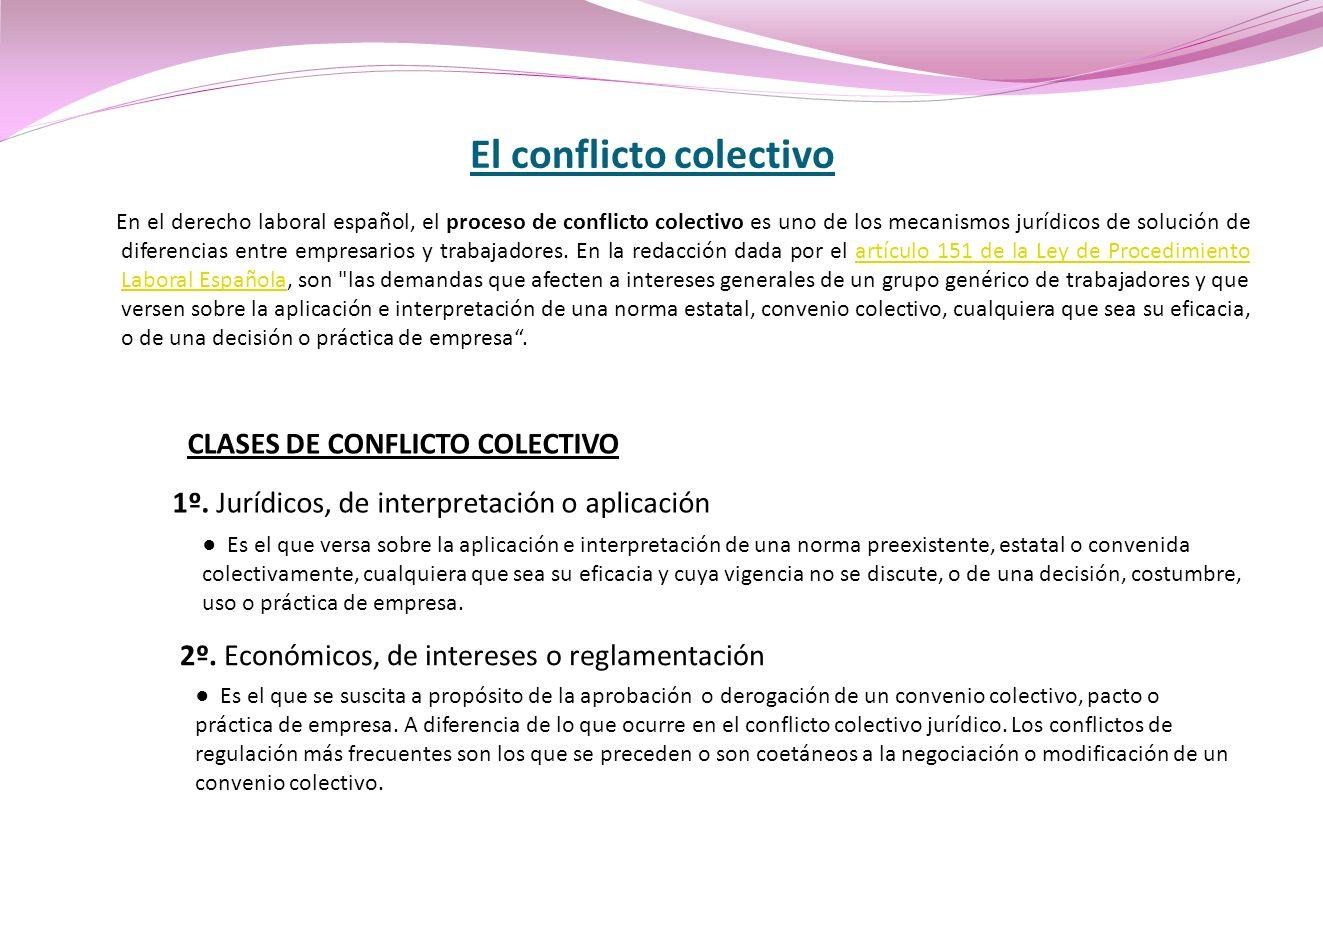 El conflicto colectivo